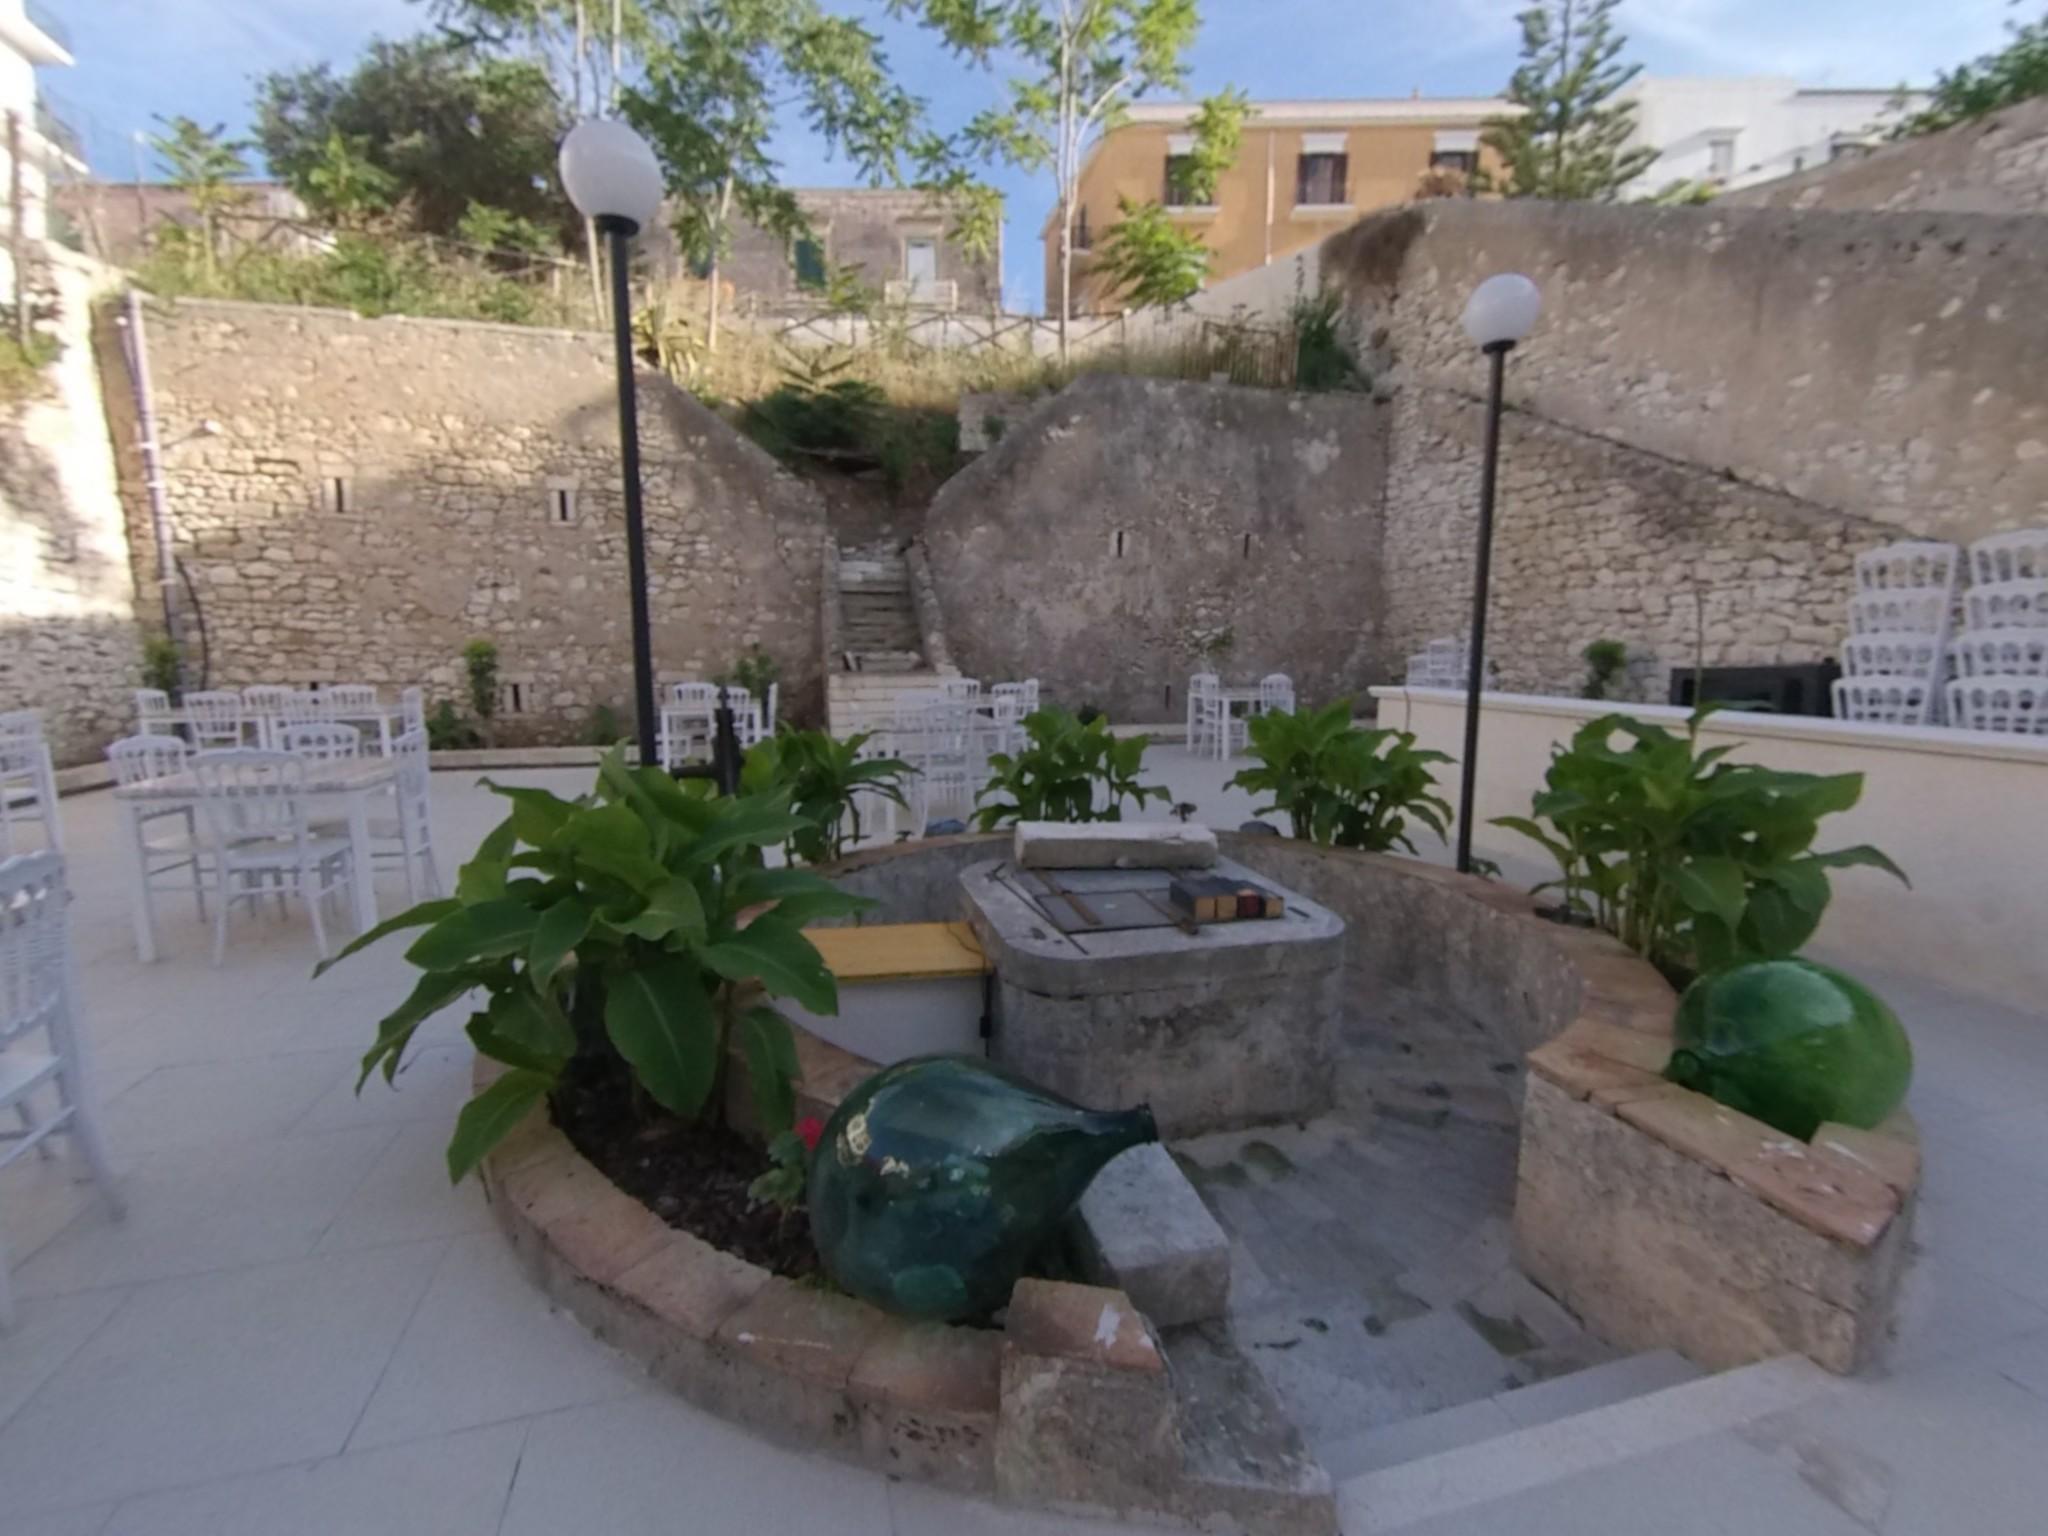 ingresso_giardino_2_699d13